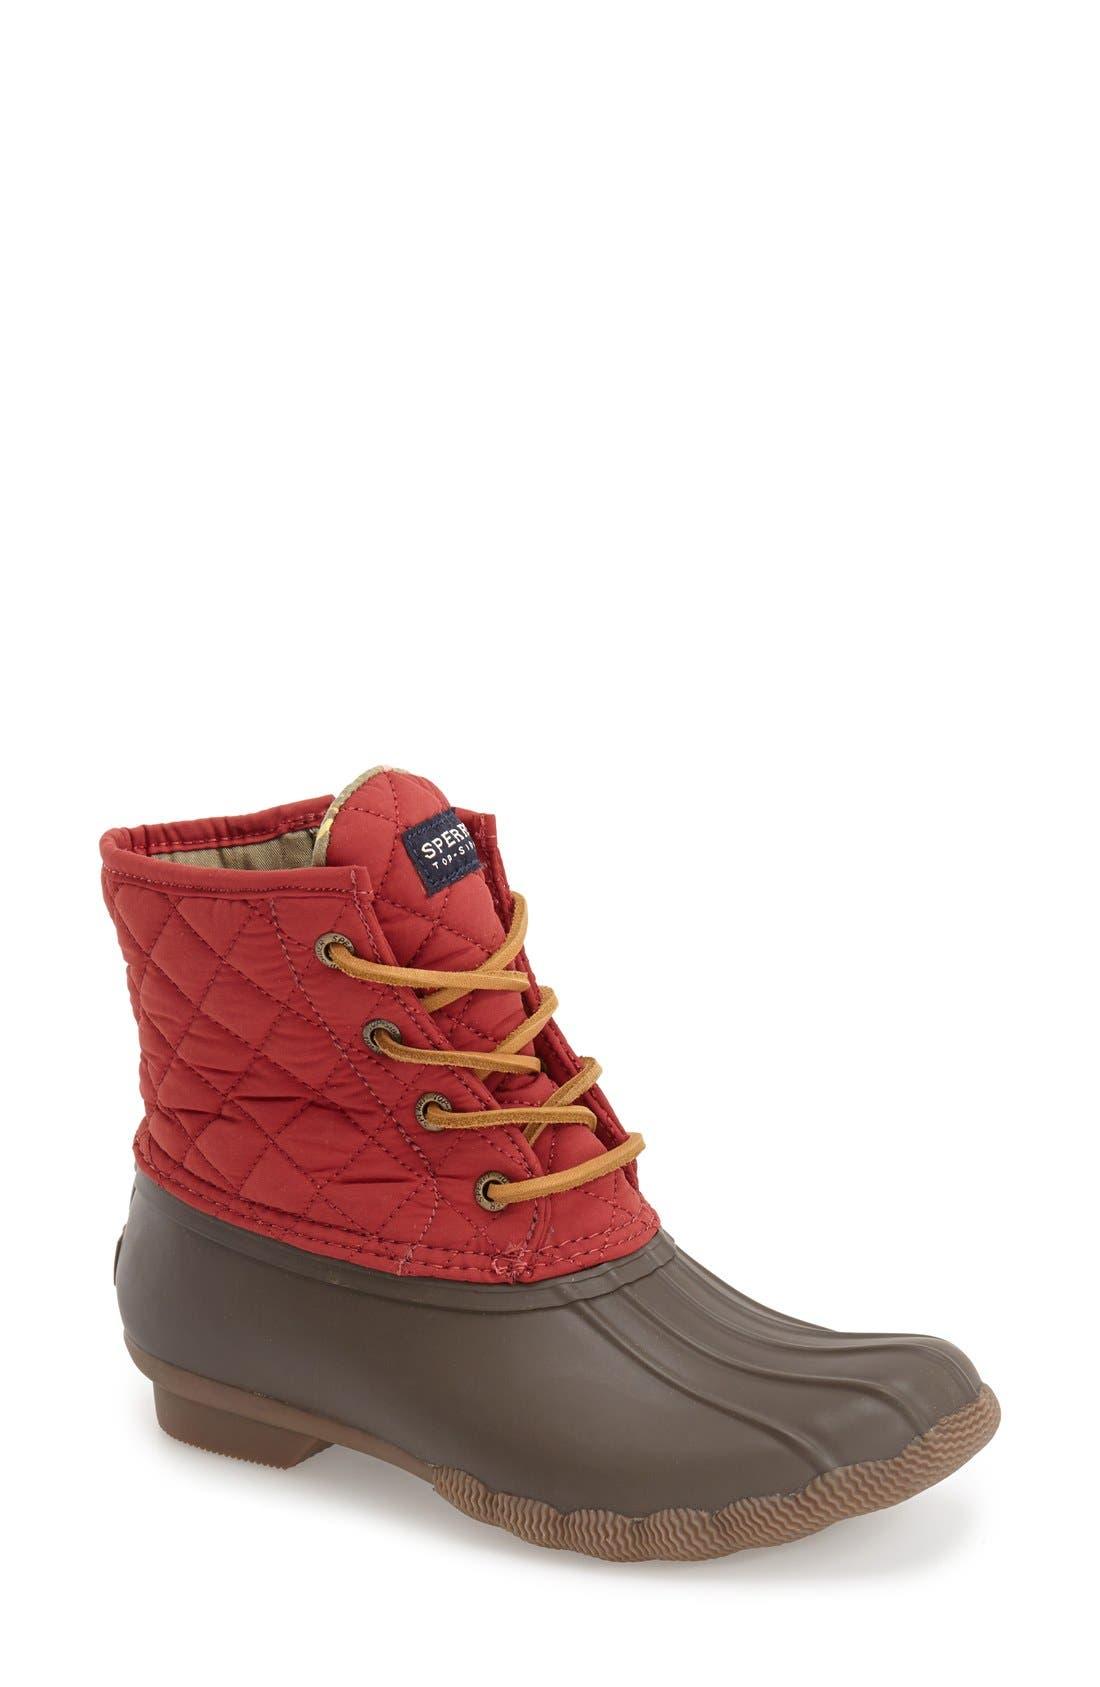 'Saltwater' Waterproof Rain Boot,                             Main thumbnail 24, color,